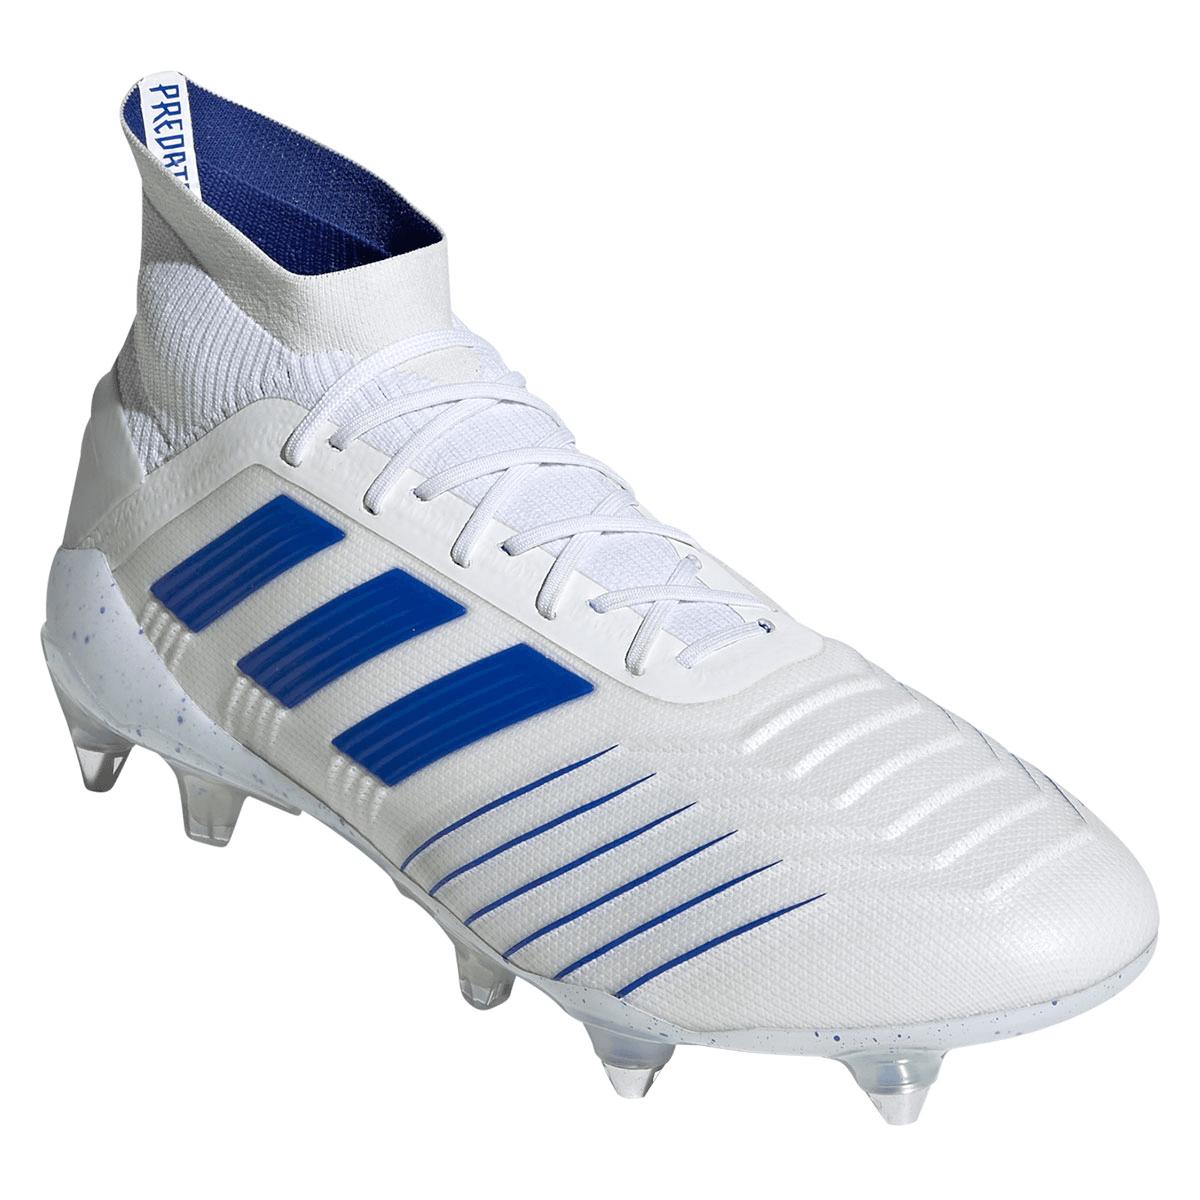 Adidas Herren Fußballschuhe Predator 19.1 Fg, Größe 45 ? In